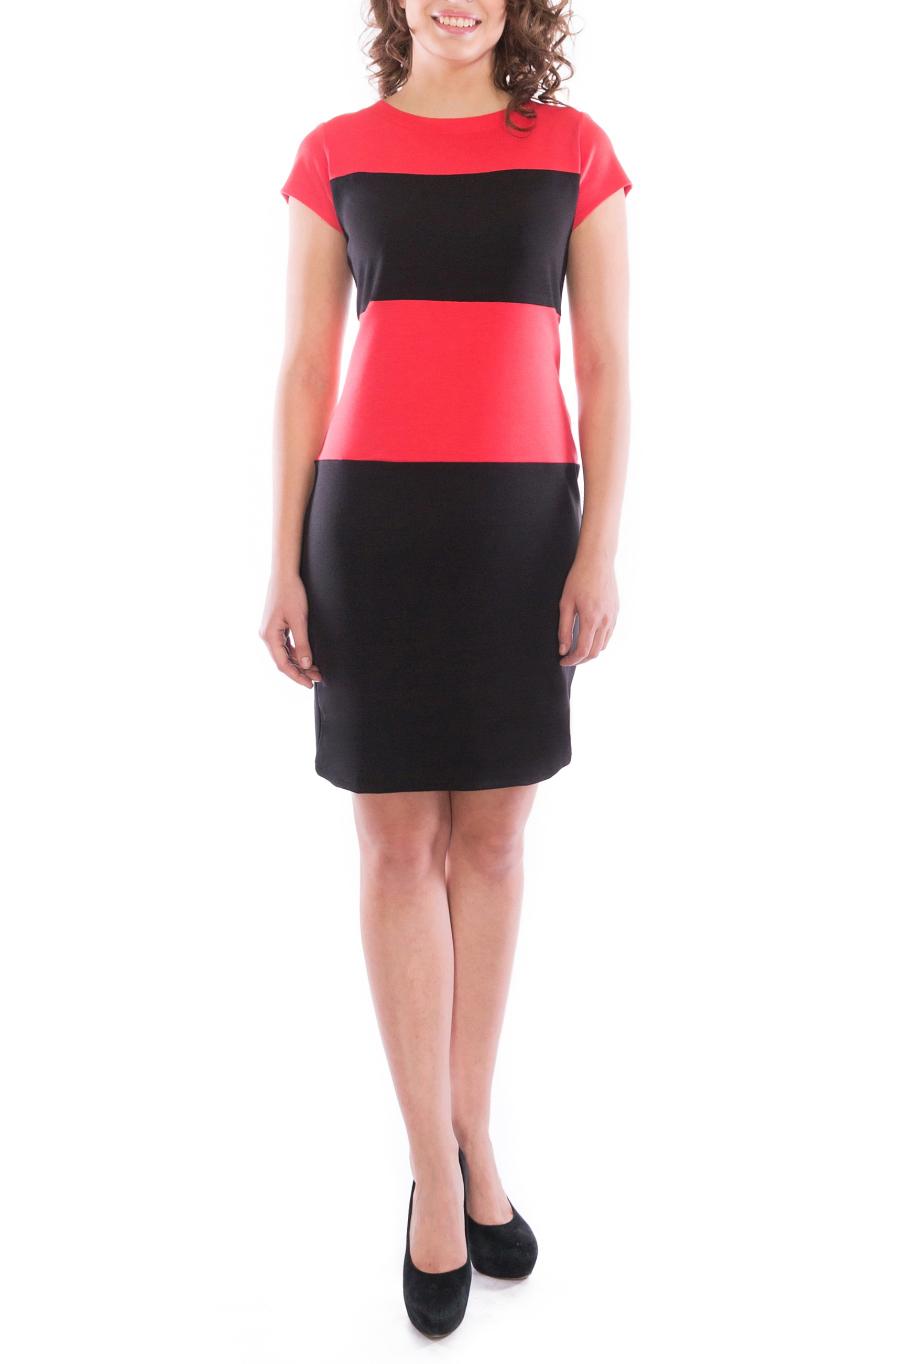 ПлатьеПлатья<br>Элегантное платье построенное на сочетании двух контрастных цветов. Классический вариант для офиса. Ткань - плотный трикотаж, характеризующийся эластичностью, растяжимостью и мягкостью. Ростовка изделия 170 см.  Длина изделия 96-98 см.  В изделии использованы цвета: черный, коралловый  Рост девушки-фотомодели 173 см<br><br>Горловина: С- горловина<br>По длине: До колена<br>По материалу: Вискоза,Трикотаж<br>По рисунку: В полоску,Цветные<br>По силуэту: Приталенные<br>По стилю: Повседневный стиль<br>По форме: Платье - футляр<br>Рукав: Короткий рукав<br>По сезону: Осень,Весна,Зима<br>Размер : 46,48,50,52<br>Материал: Трикотаж<br>Количество в наличии: 4